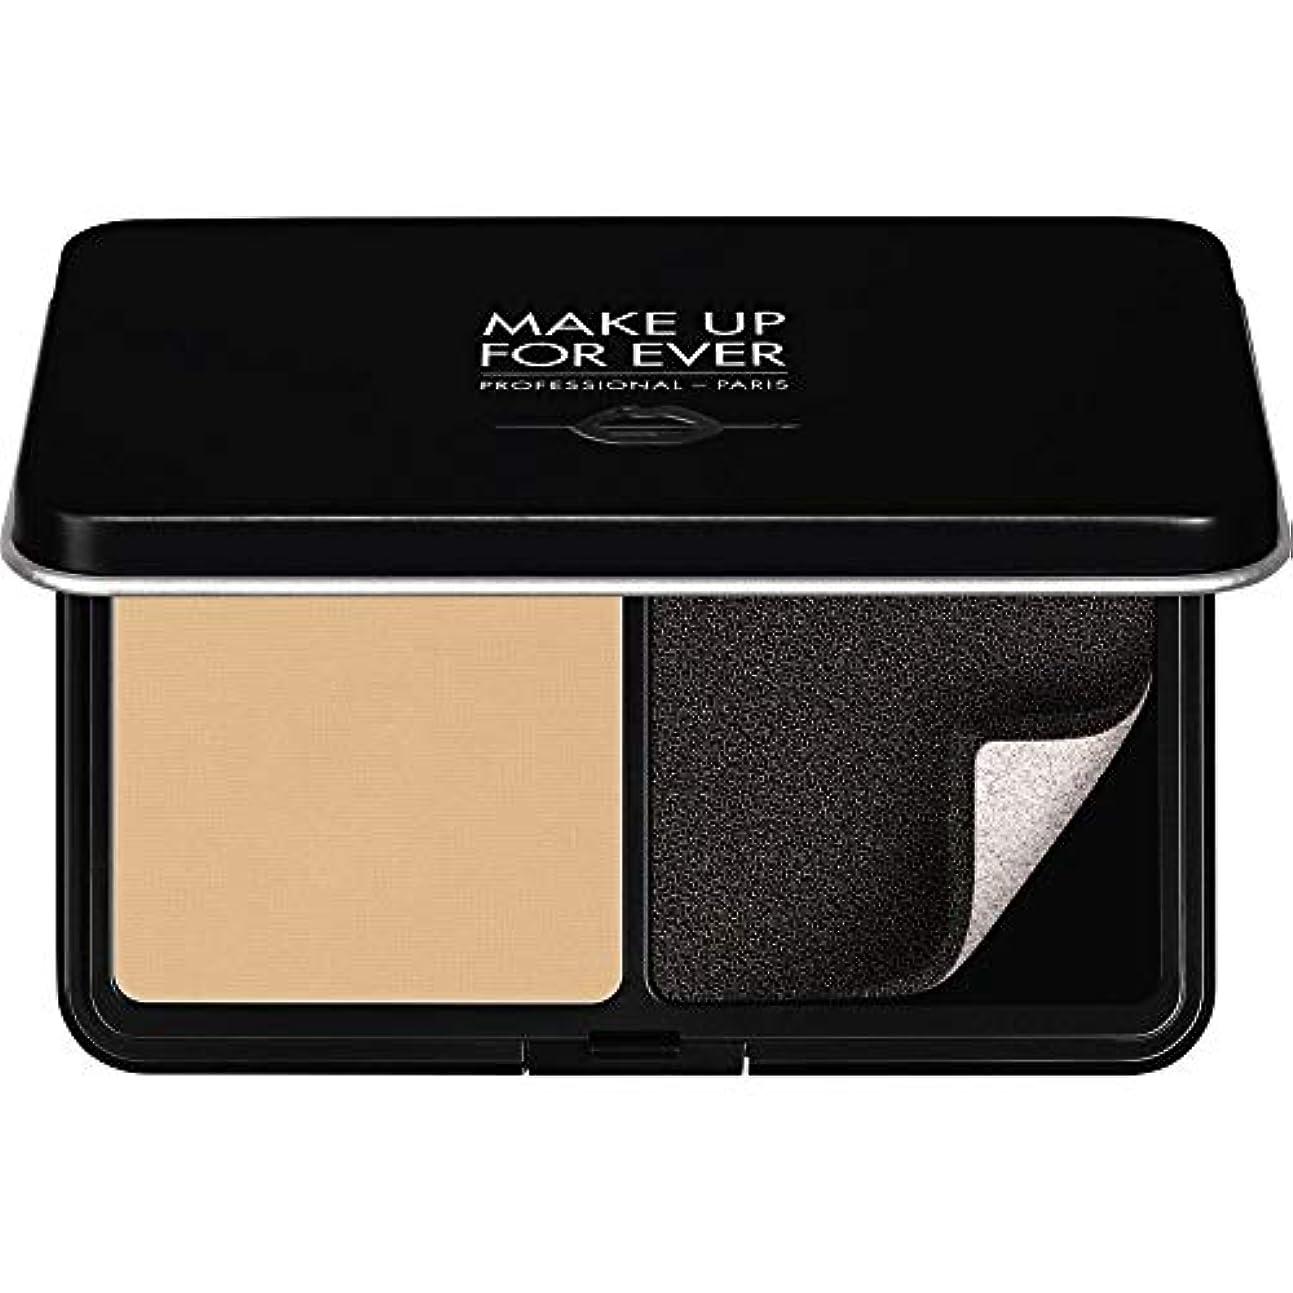 水平レイコンピューターゲームをプレイする[MAKE UP FOR EVER ] パウダーファンデーション11GののY225をぼかし、これまでマットベルベットの肌を補う - 大理石 - MAKE UP FOR EVER Matte Velvet Skin Blurring...